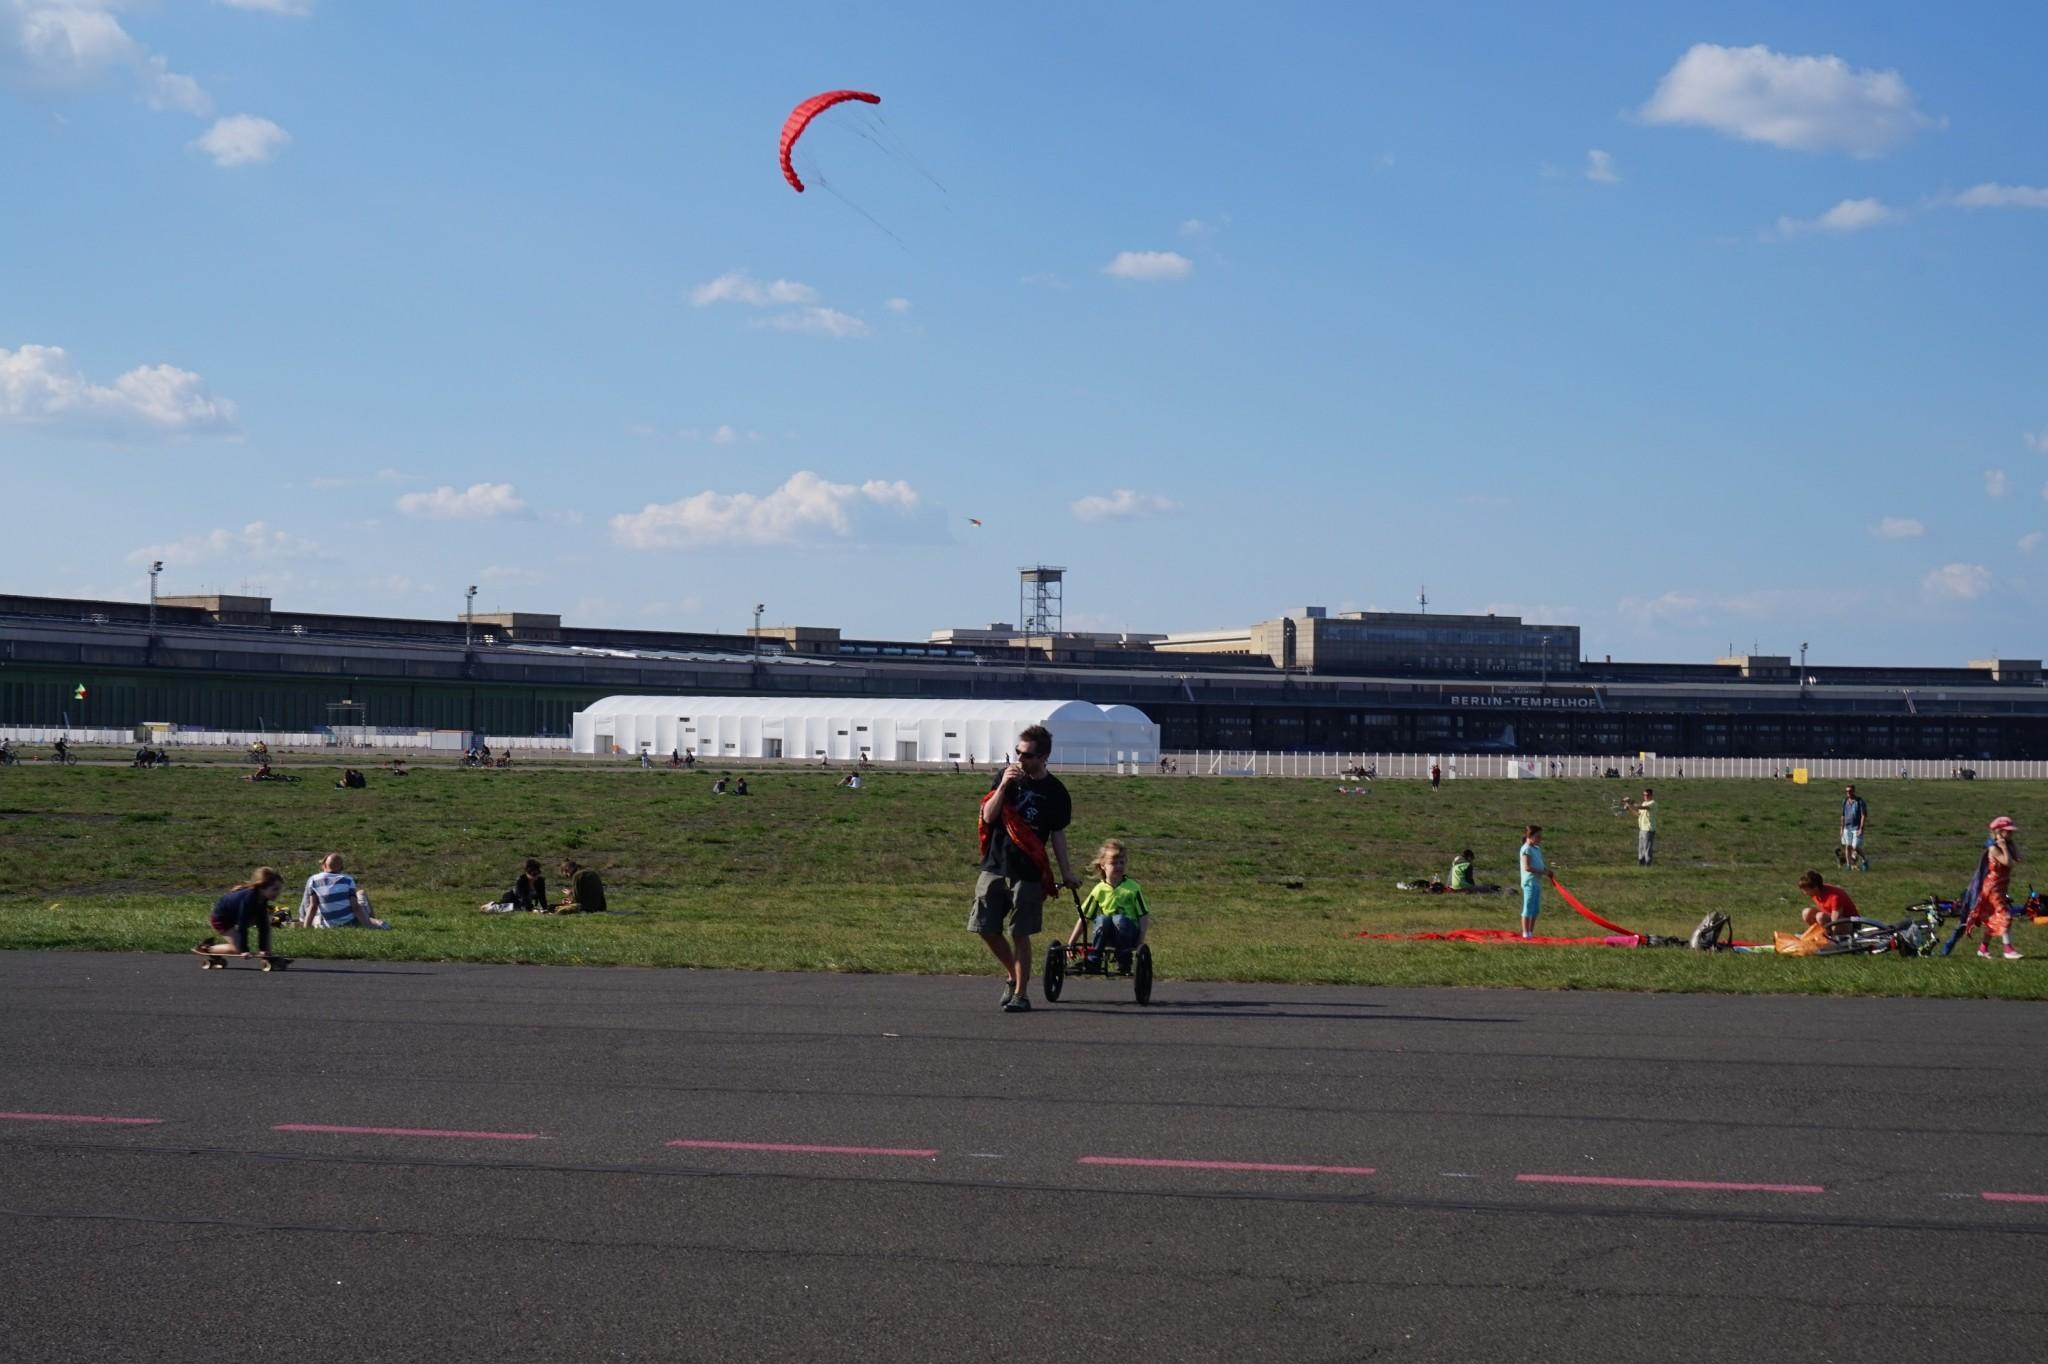 Tempelhofin lentokenttä (175)